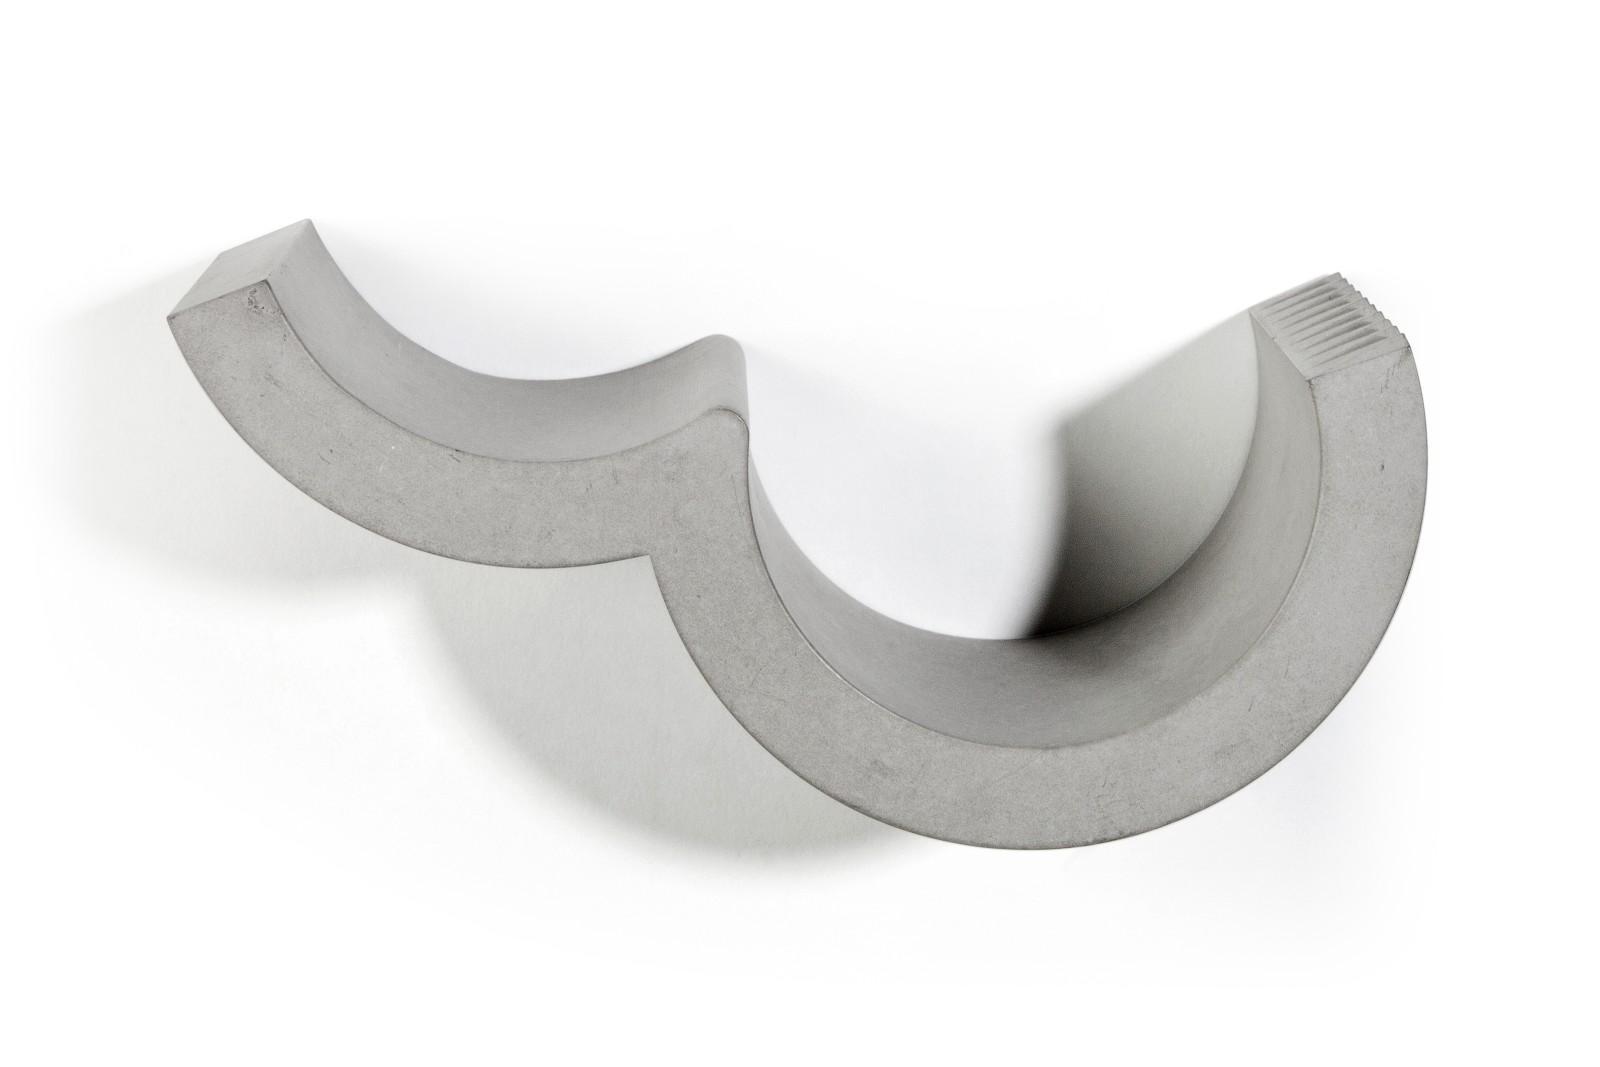 Concrete Cloud XS Toilet Paper Dispenser - Set of 2